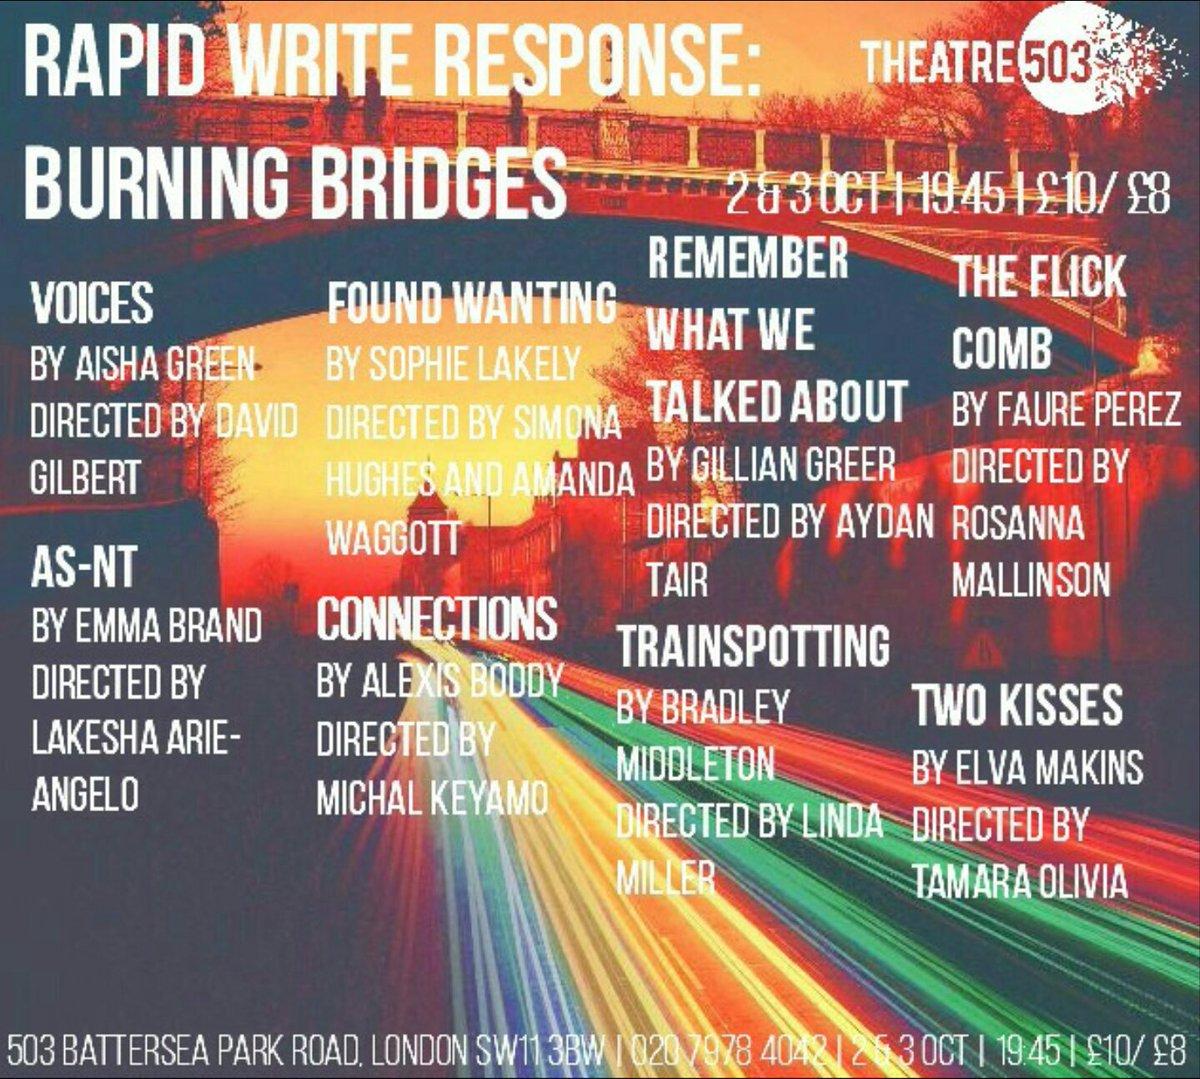 burning-bridges-29-09-2016andrew